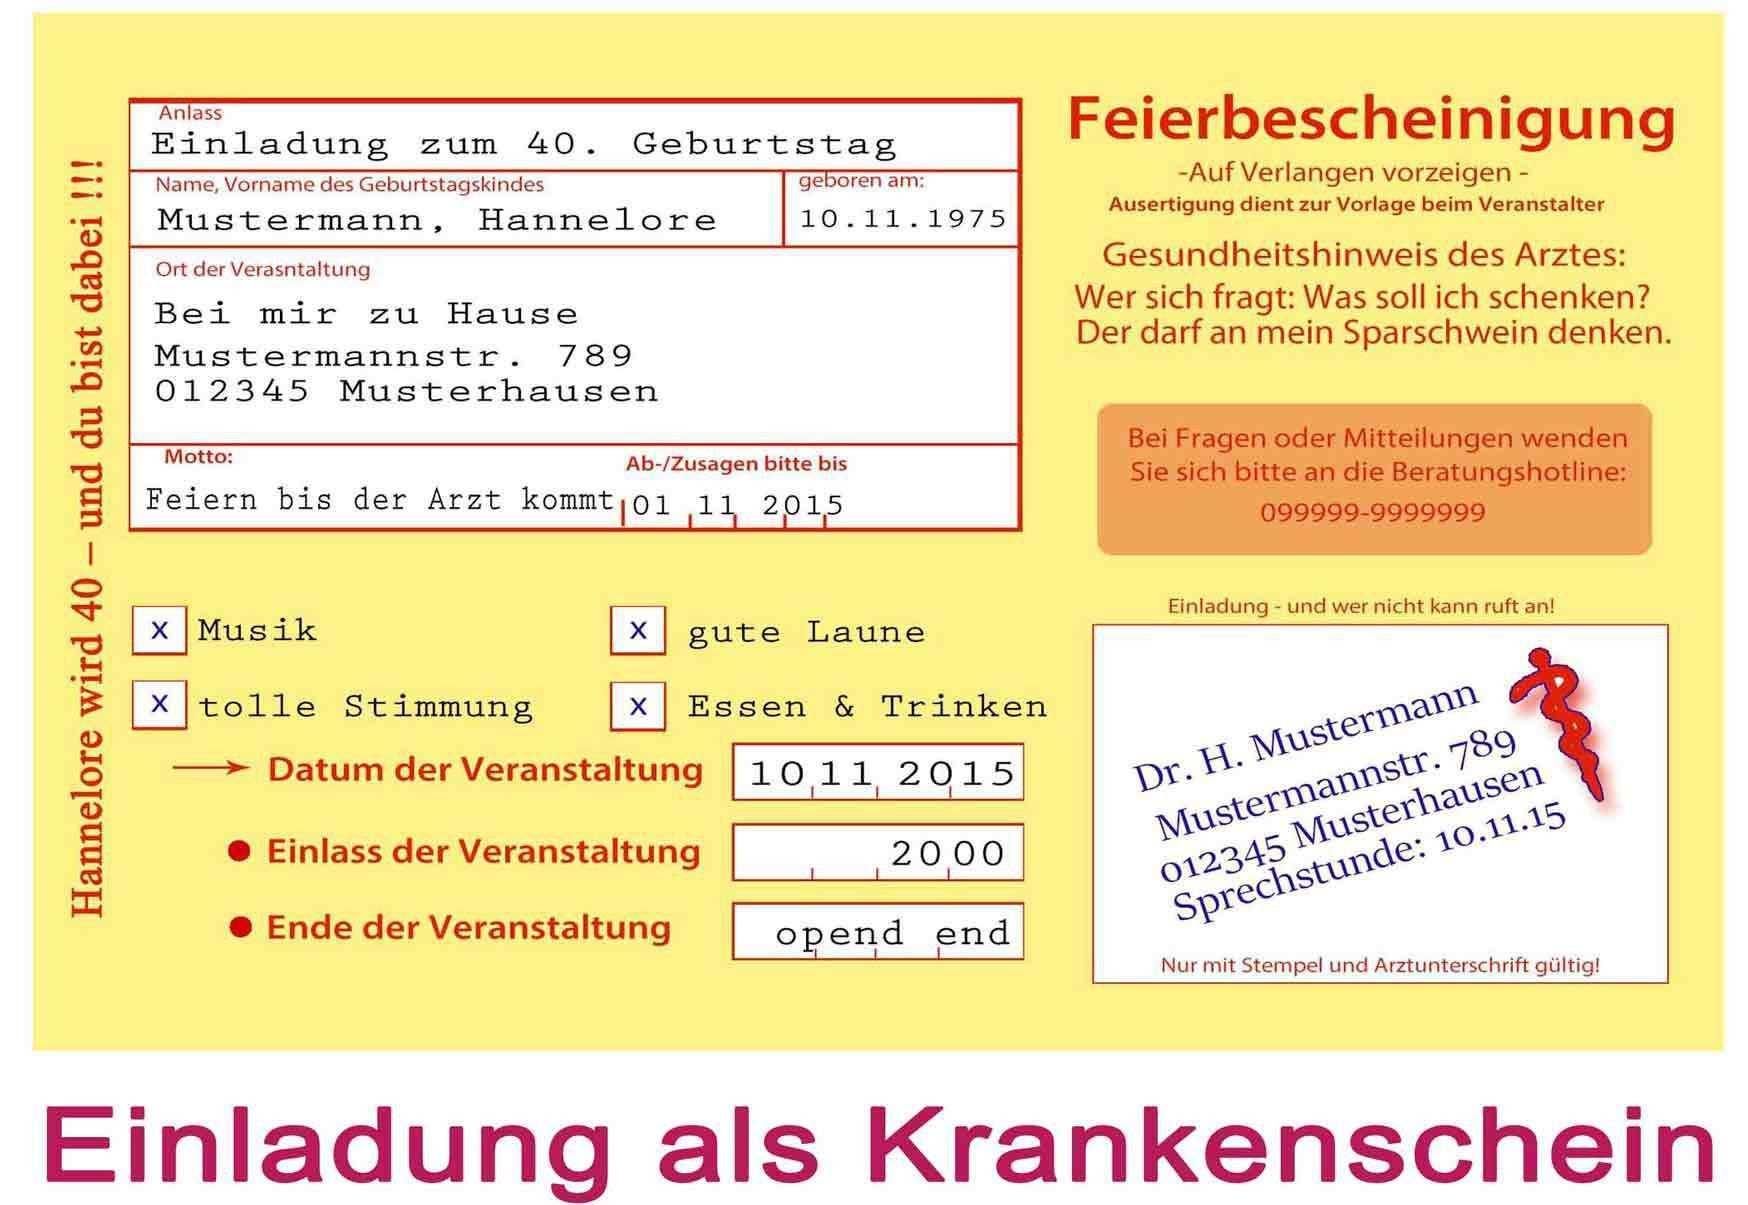 Einladungskarten Geburtstag Lustig Kostenlos Elegant Einladungskarten Einlad In 2020 Geburtstag Einladung Vorlage Einladungen Geburtstag Kostenlos Einladung Geburtstag